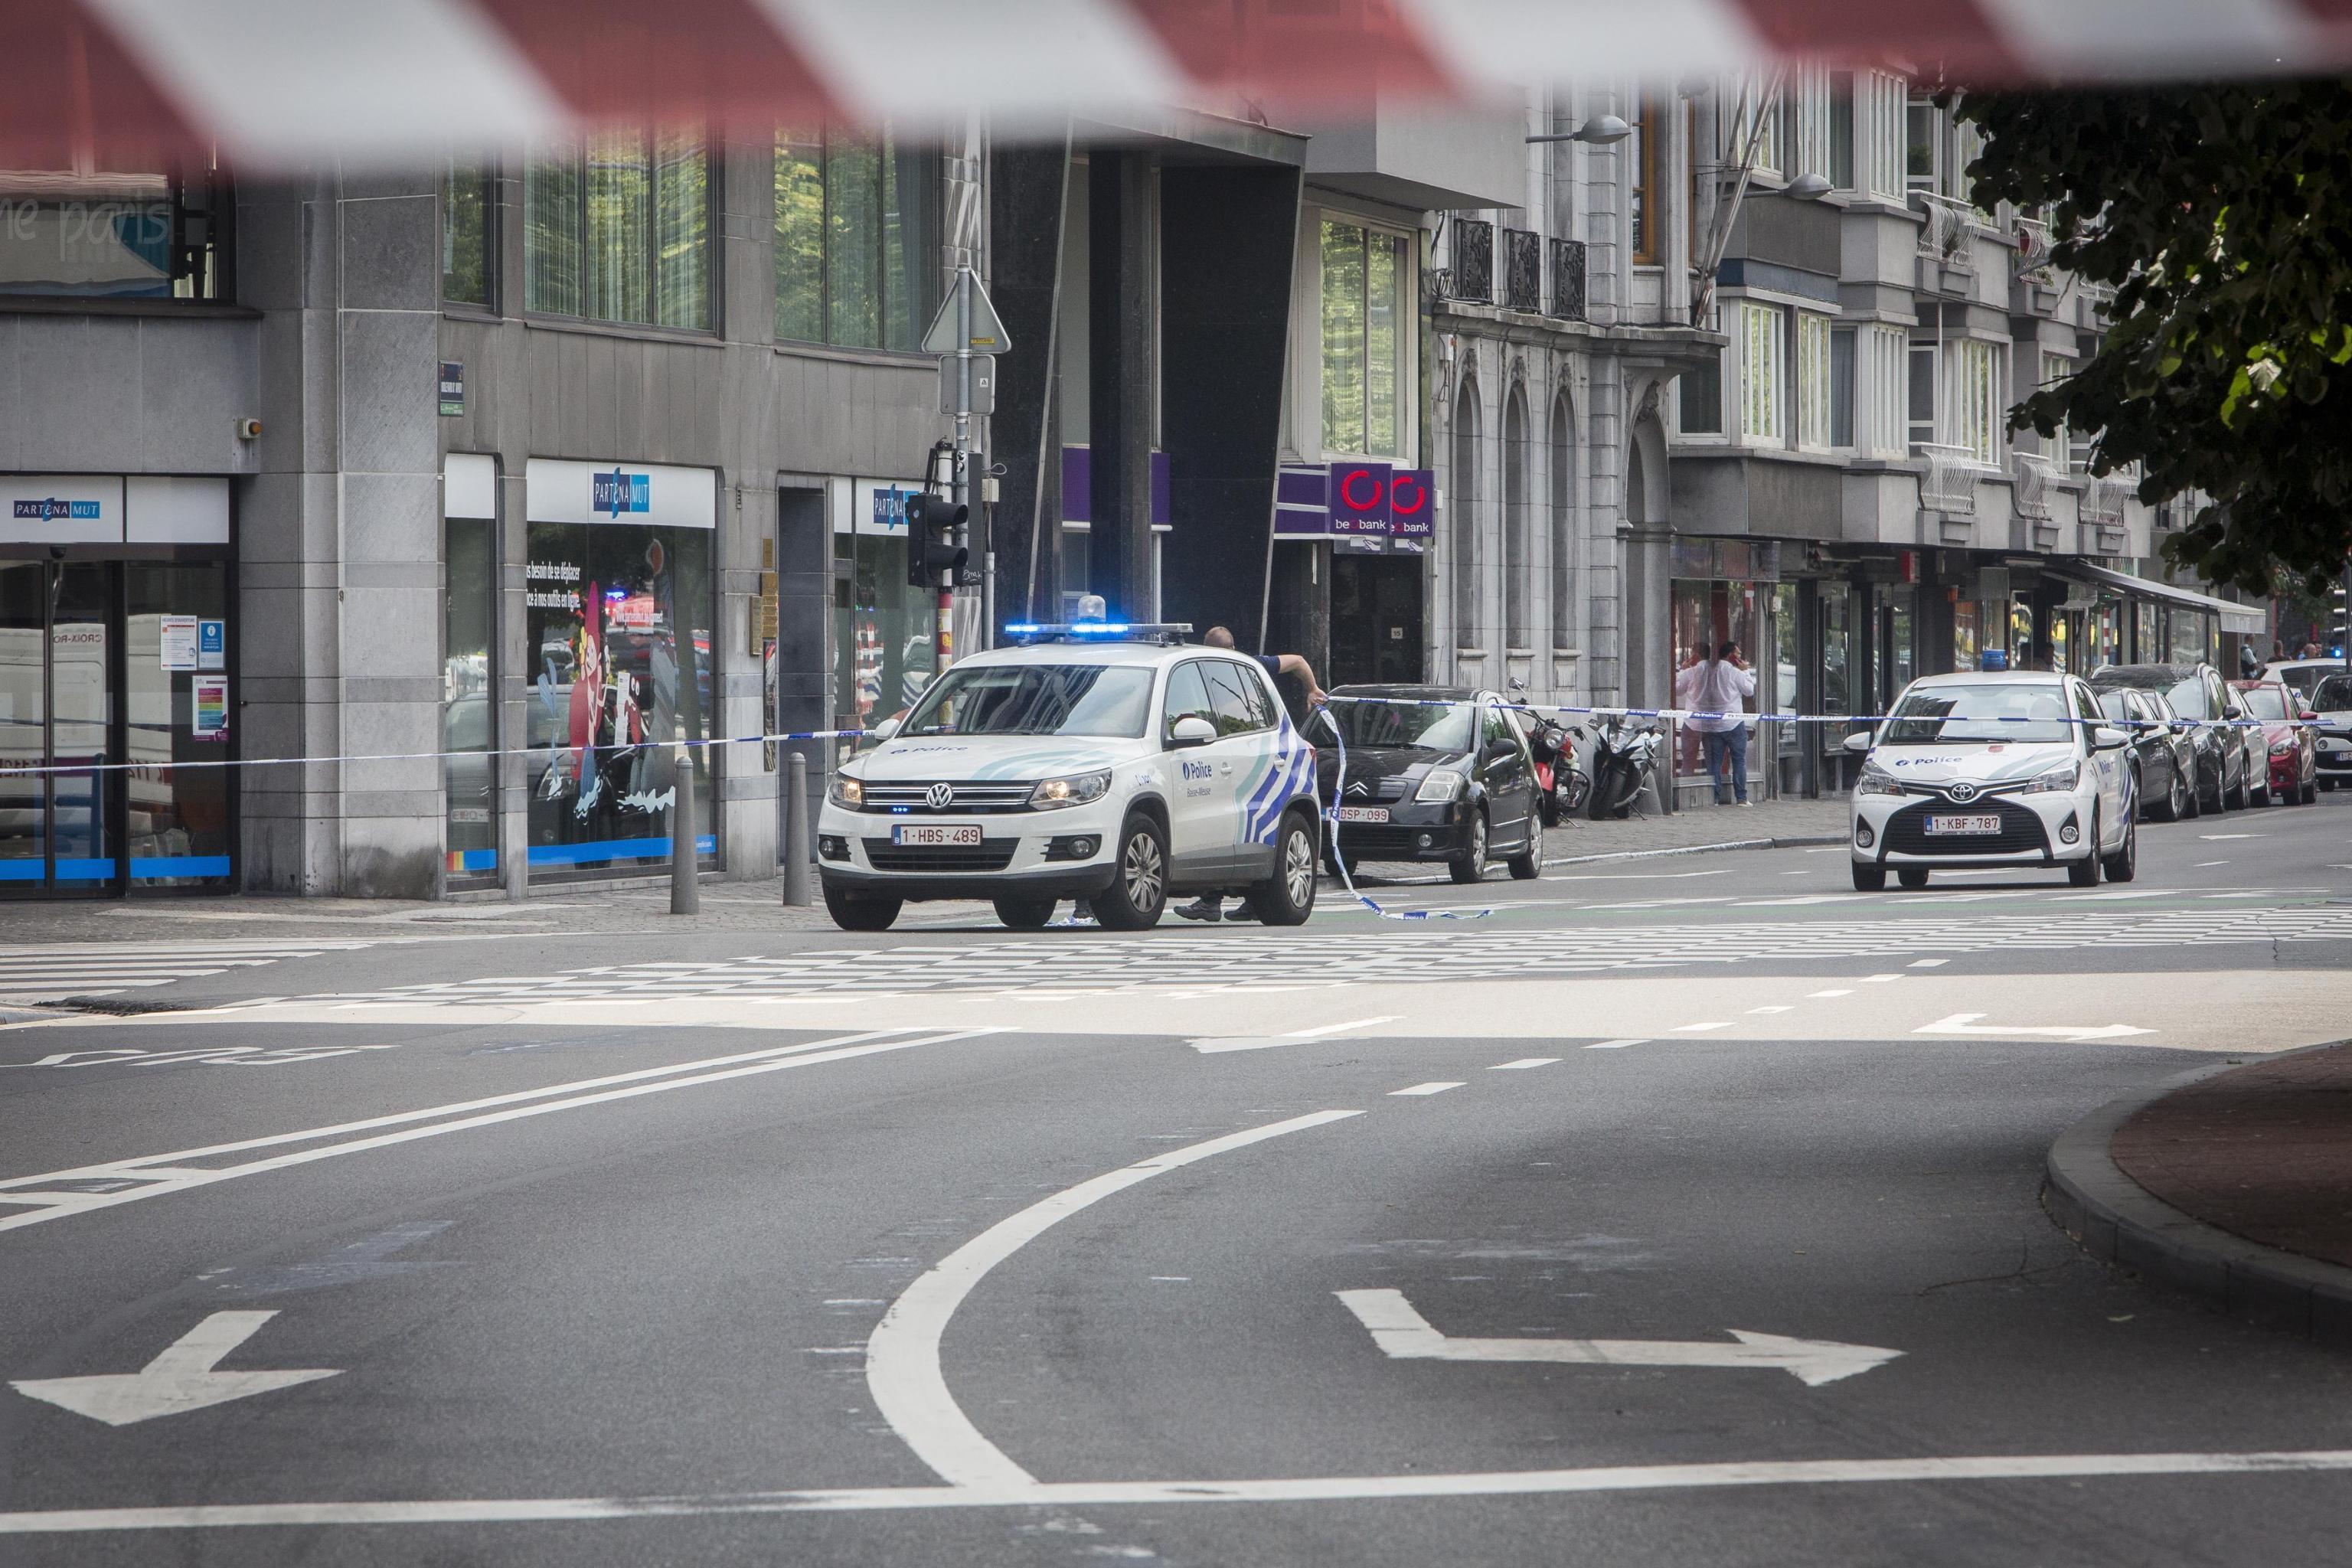 Attentato in Belgio: urla 'Allah è grande' e uccide tre persone